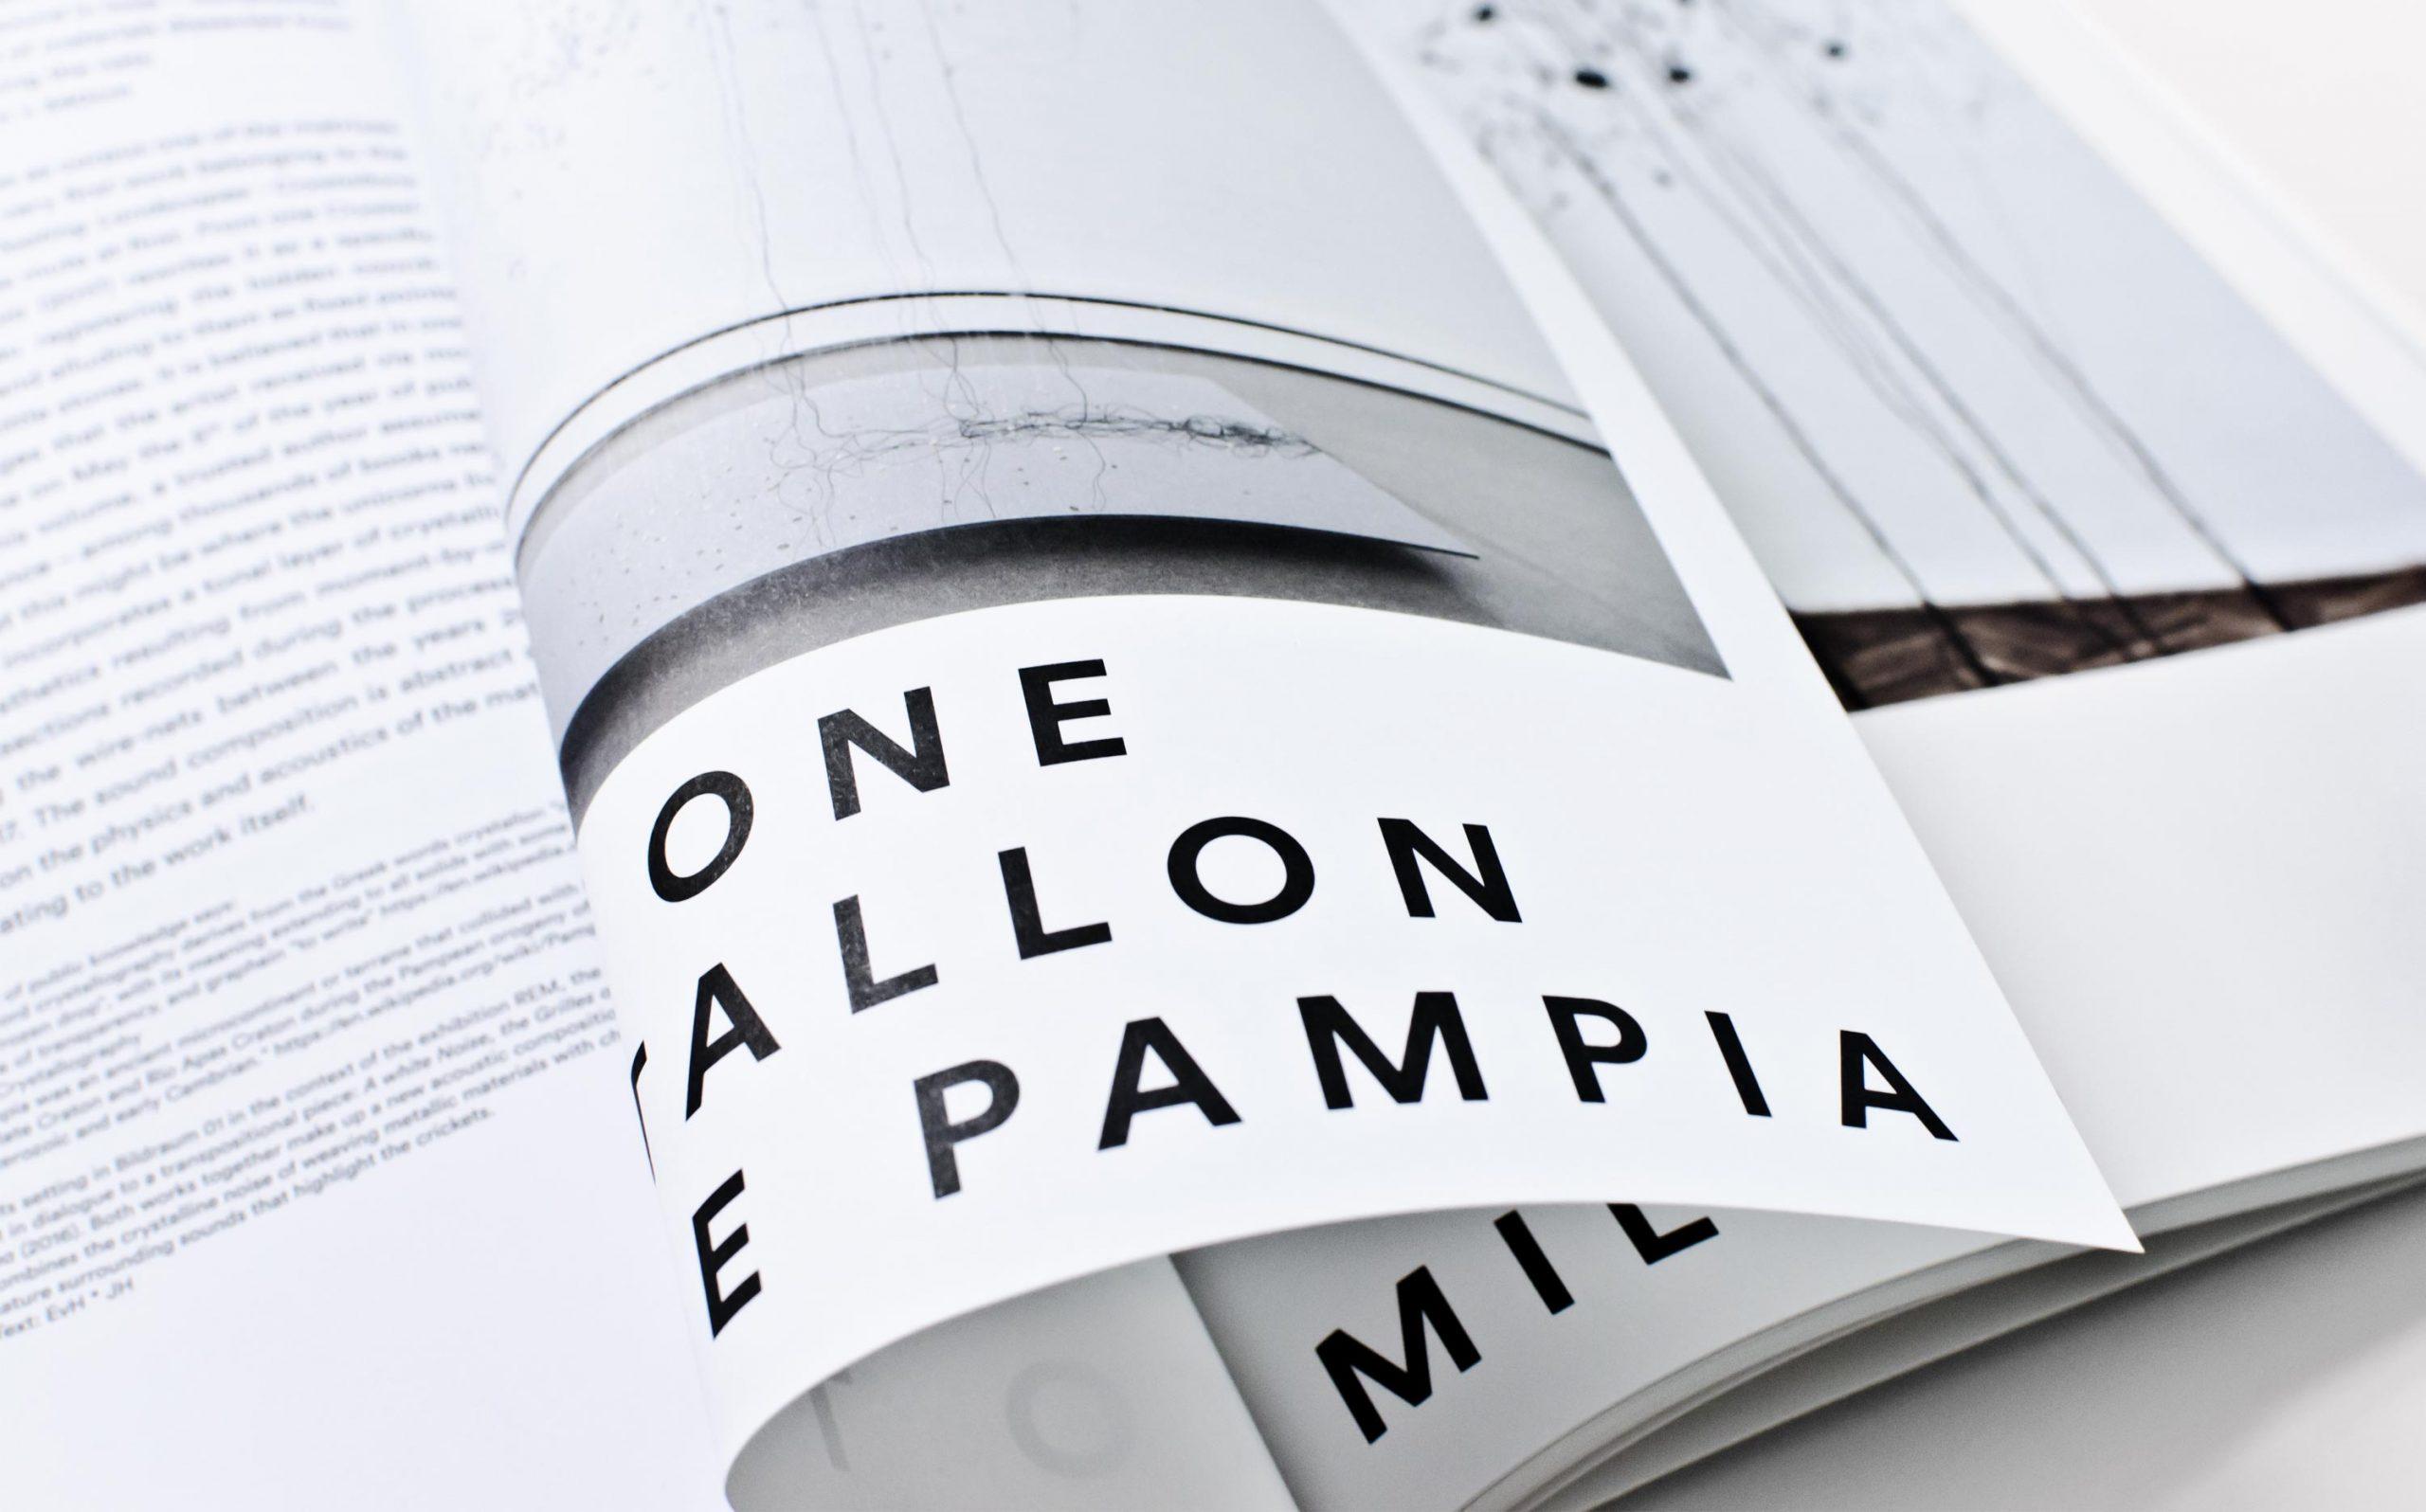 Detail aus Juliana Herrero – REM 1:1 | zwei Werktitel, gesetzt in LL Circular, umgeschlagene Seite | Keywords: Editorial Design, Artist Book, Künstlerbuch, Buchgestaltung, Grafikdesign, Design, Typografie